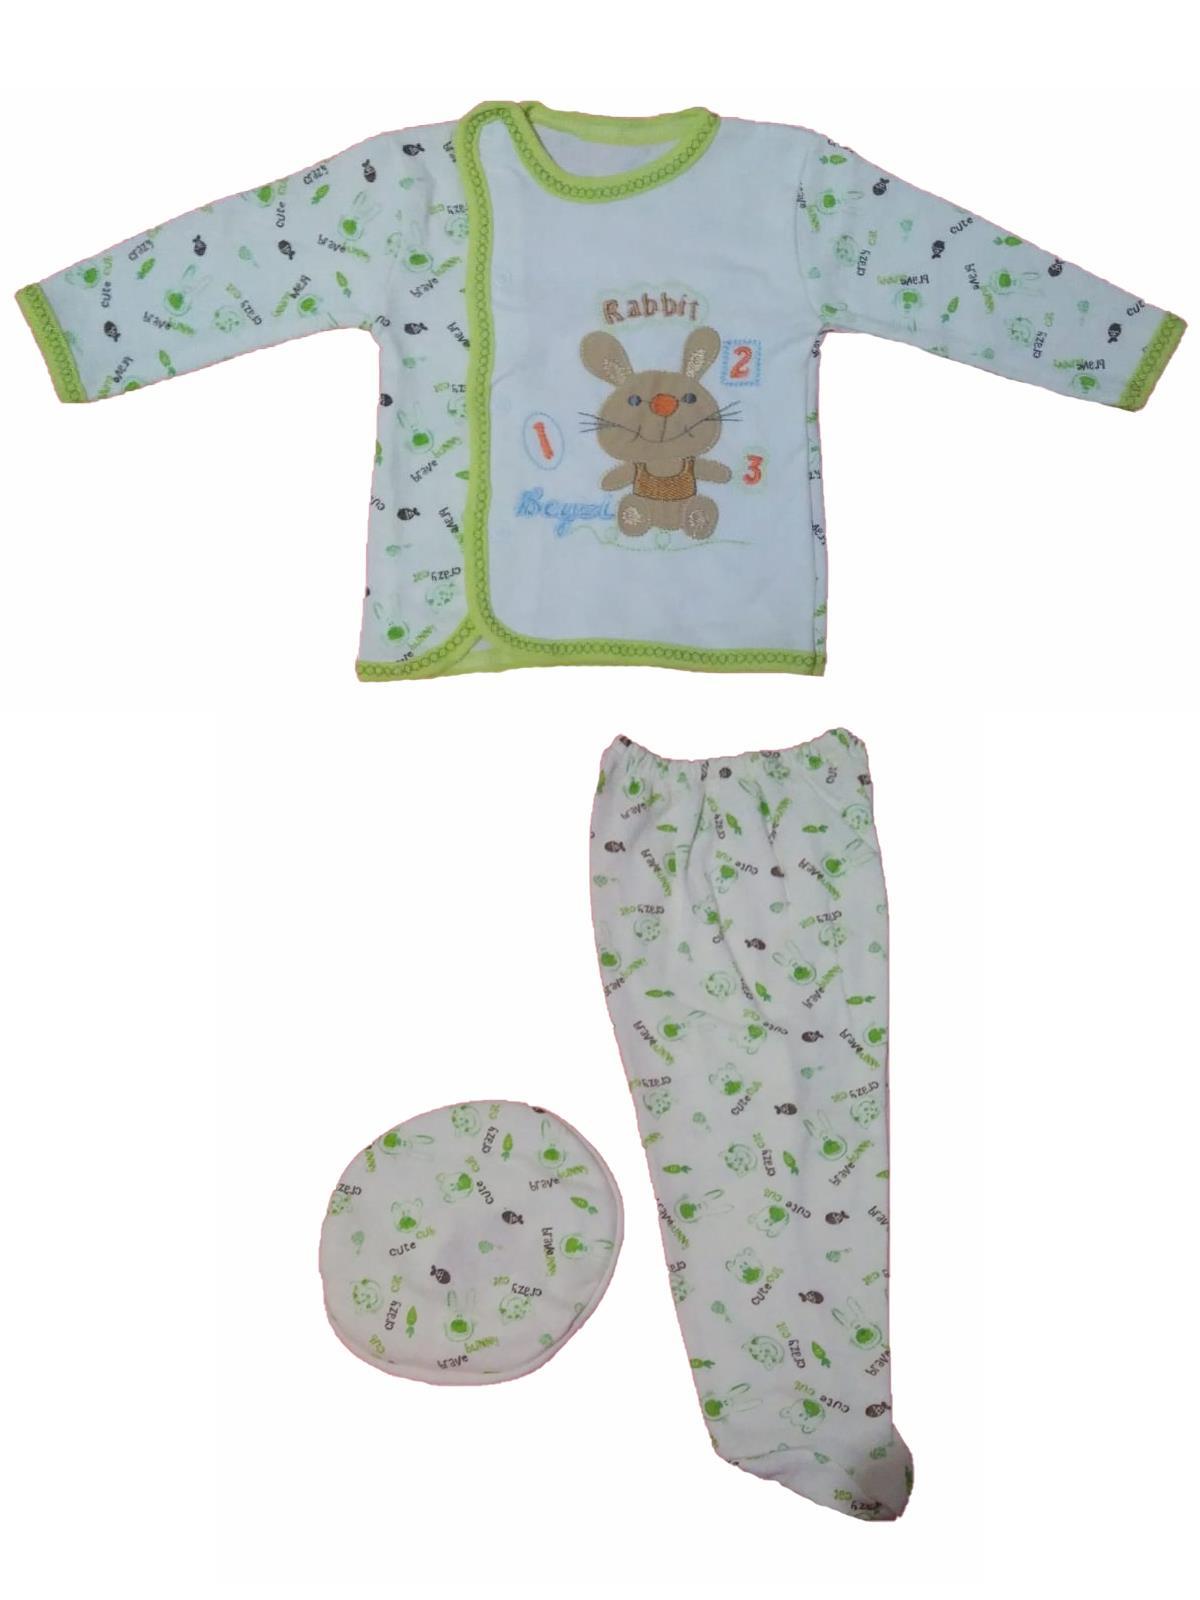 Beyzi Bebek Pijama Takımı Ayaklı Şapkalı 3 Parça 0-6 Aylık 4 RENK